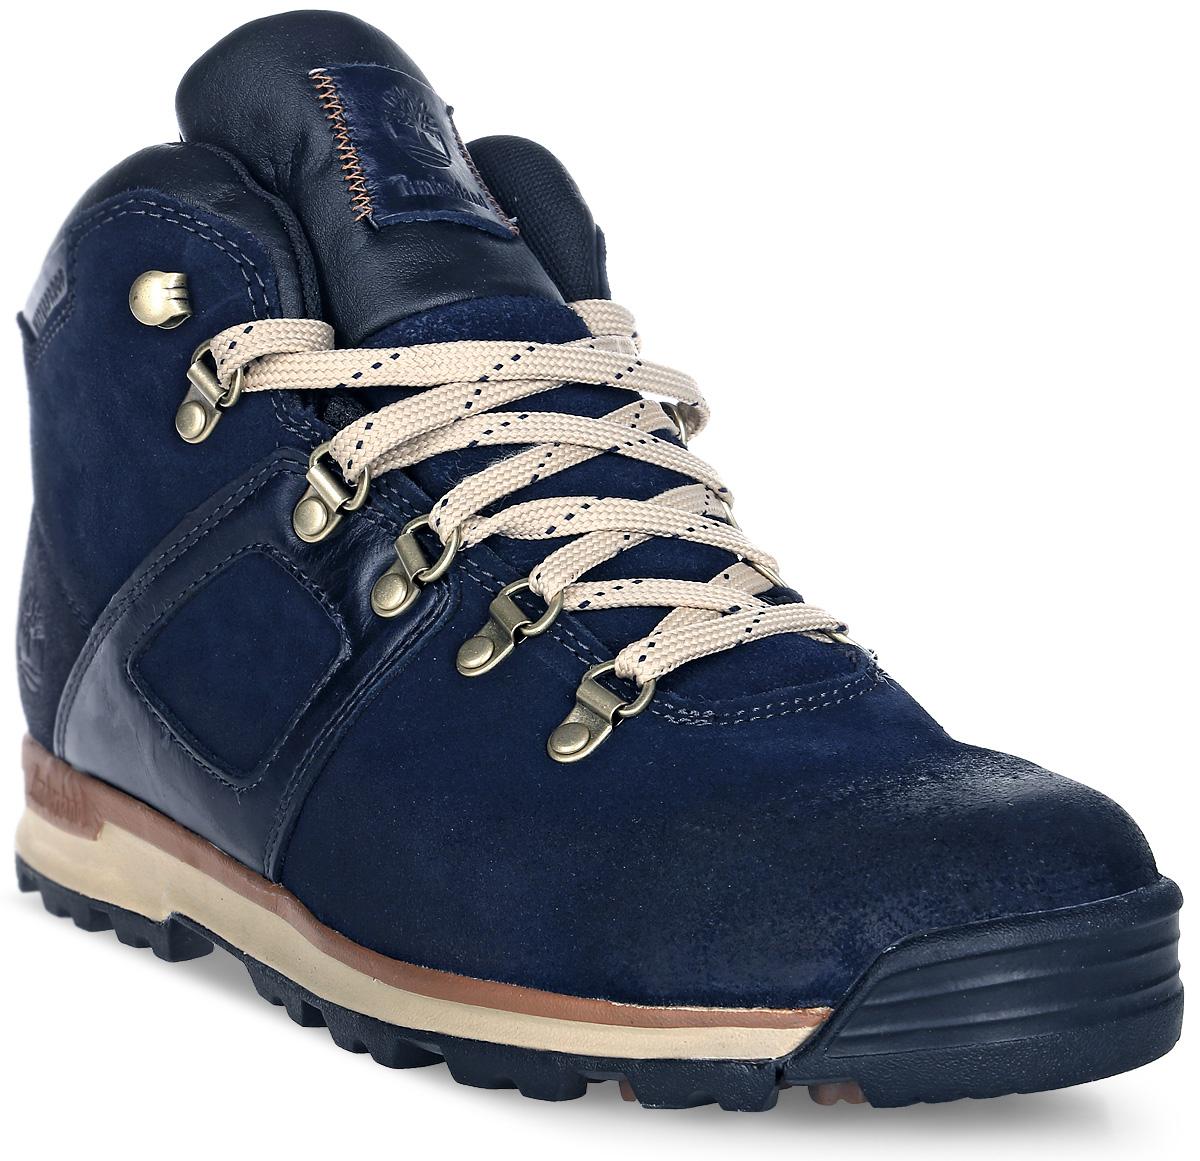 Ботинки мужские Timberland Mid Leather Waterproof, цвет: темно-синий. TBLA113VM. Размер 7,5 (40)TBLA113VMСтильные ботинки Timberland не оставят вас равнодушным. Модель на классической шнуровке, выполнена из натуральной замши. Внутренняя поверхность и стелька изготовлены из натуральной кожи. Модель дополнена на язычке фирменной нашивкой. Подошва с рифлением обеспечивает идеальное сцепление с любыми поверхностями. Такие чудесные ботинки займут достойное место в вашем гардеробе.